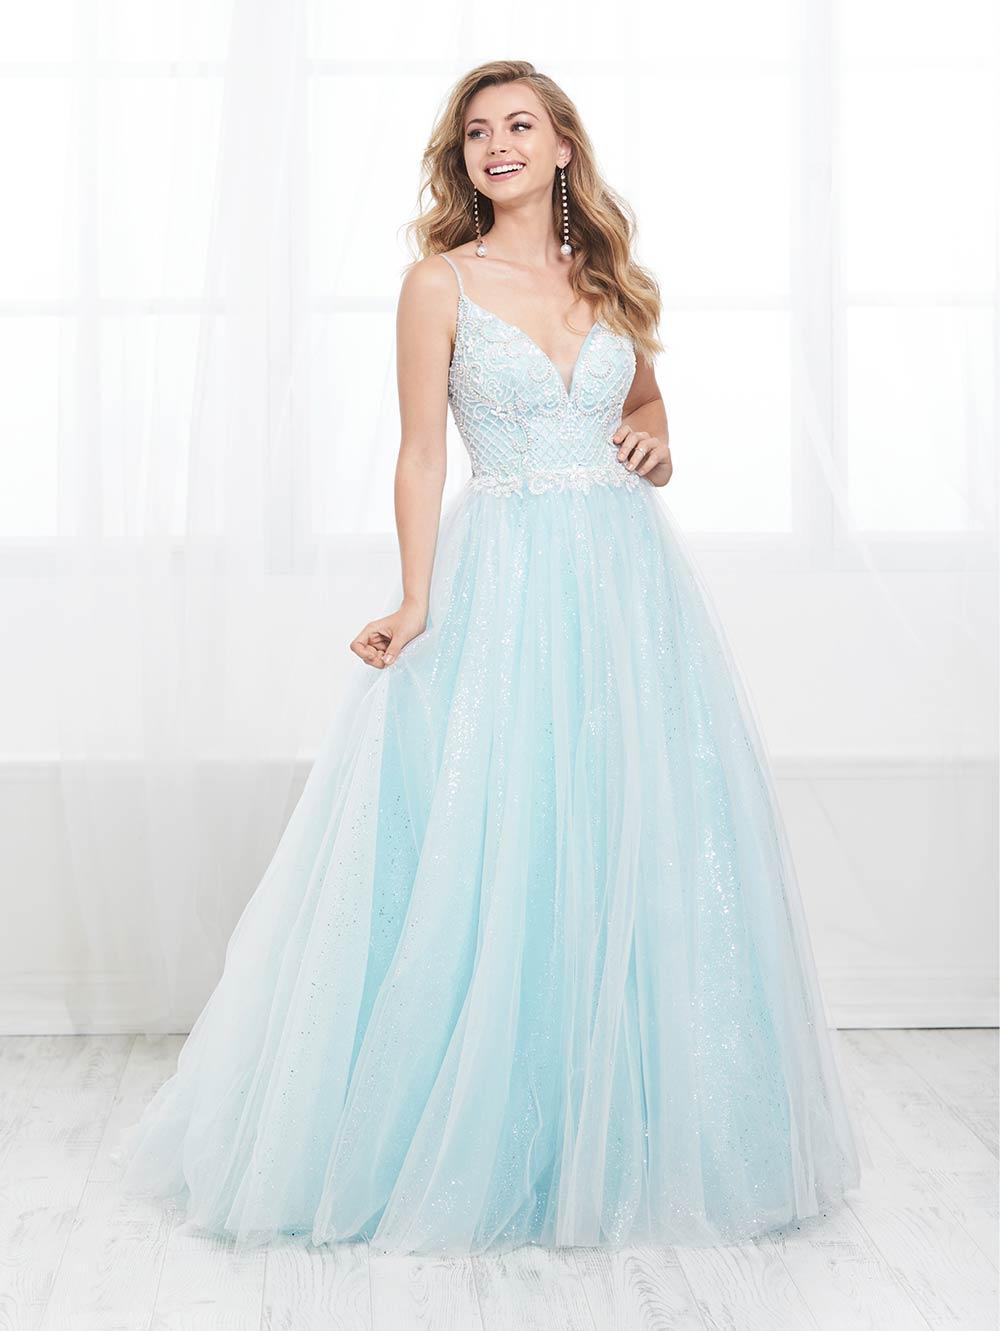 prom-dresses-jacquelin-bridals-canada-27673